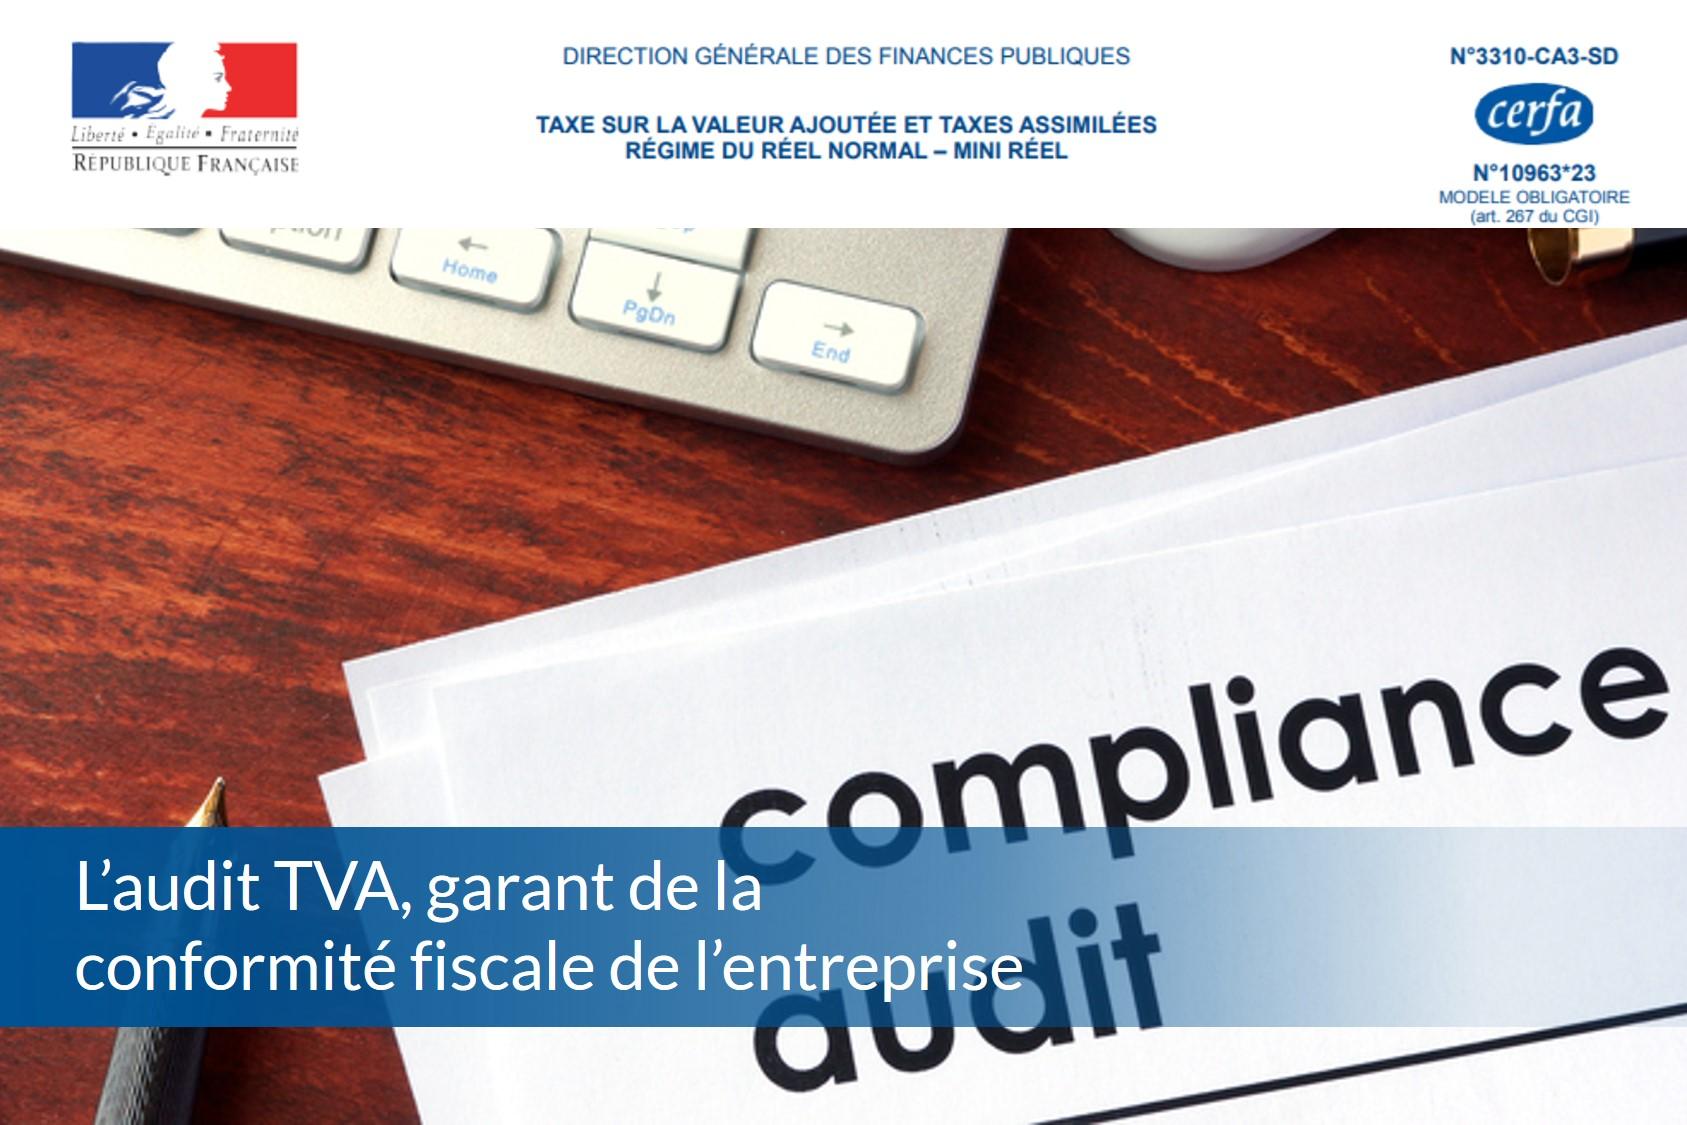 L'audit TVA, garant de la conformité fiscale de l'entreprise